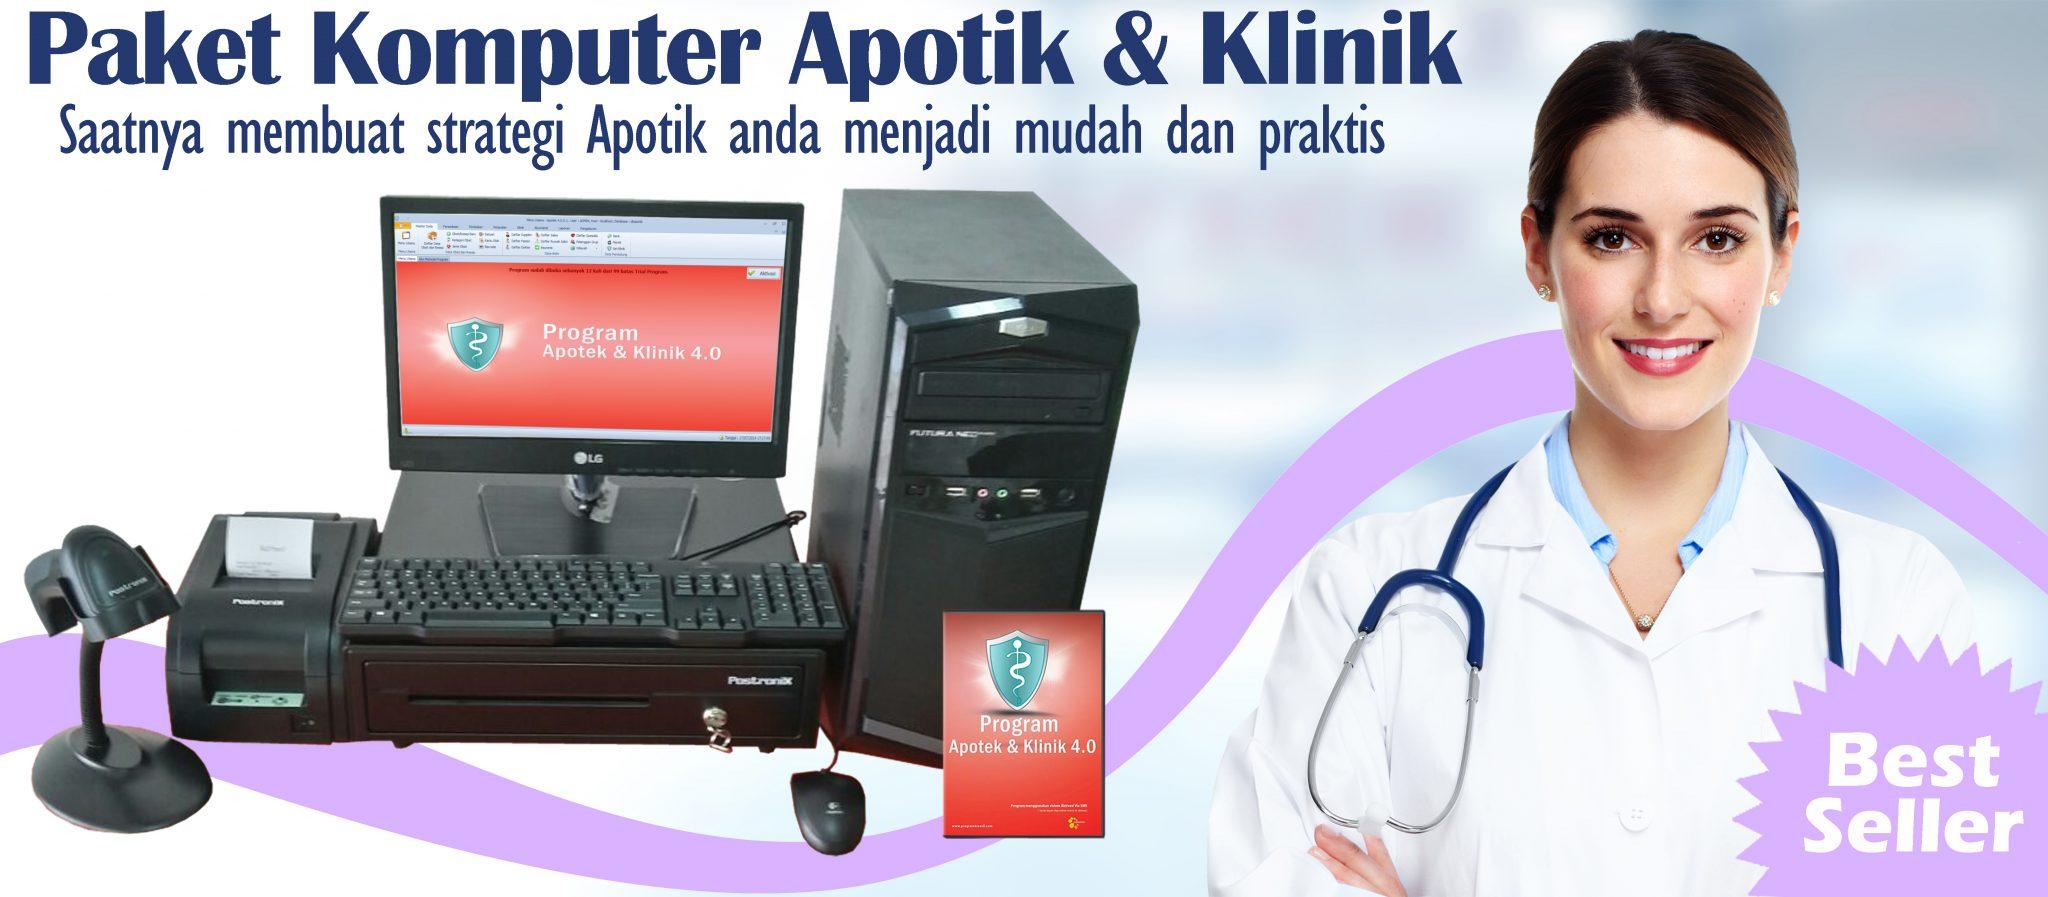 Order Paket Komputer Apotek dan Klinik